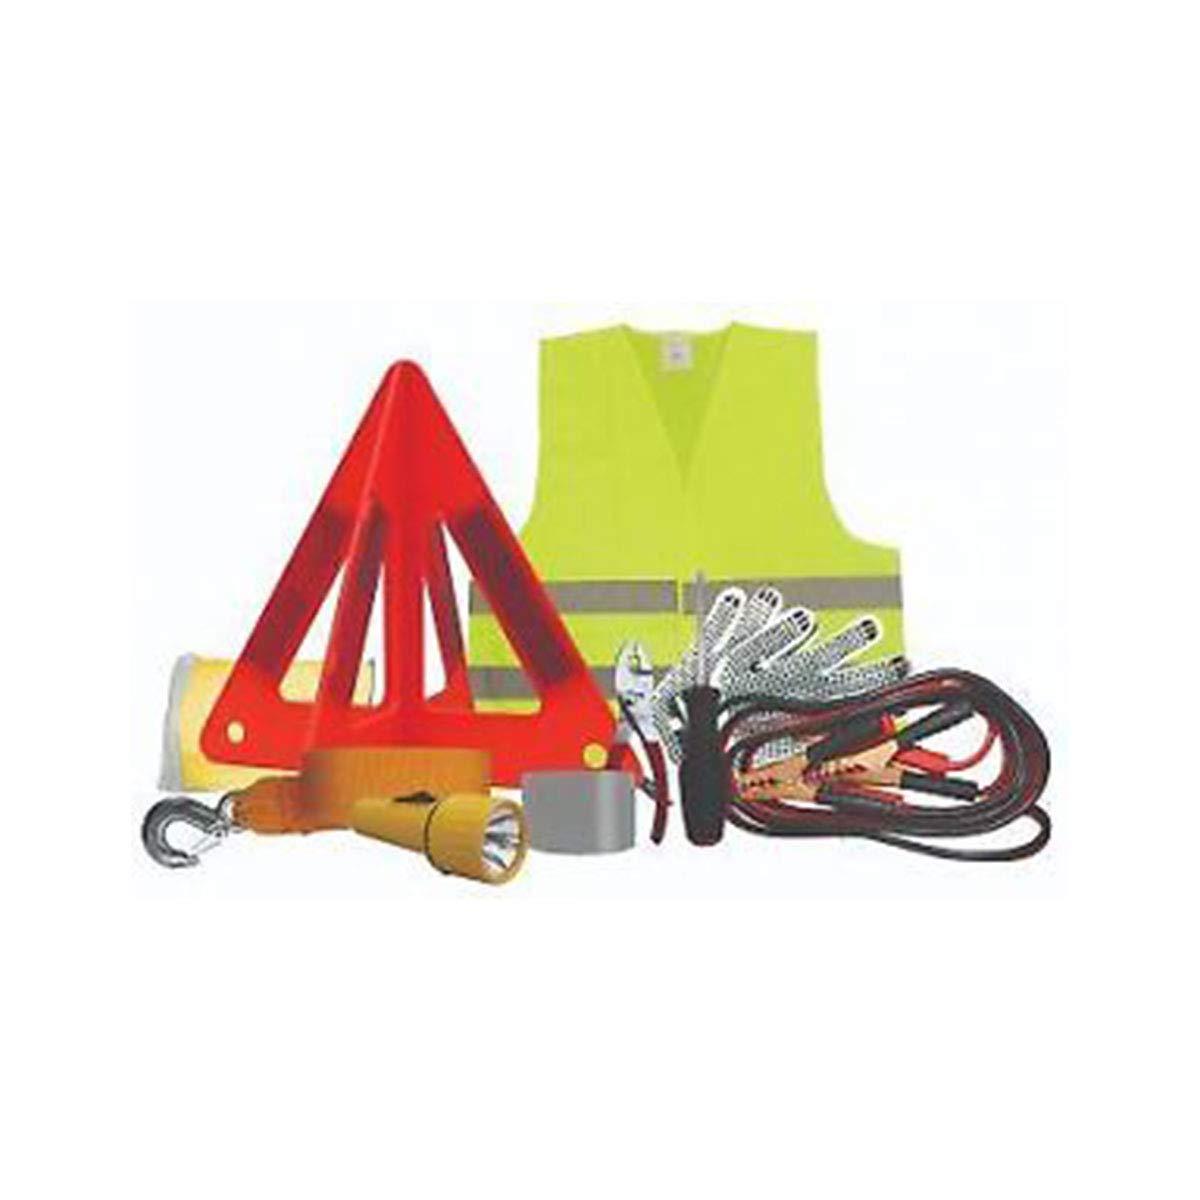 Poncho de Pluie Brookstone Grand kit durgence pour Voiture de Secours Gants Booster Jumper Cable 22 pi/èces Triangle durgence Cordon /élastique